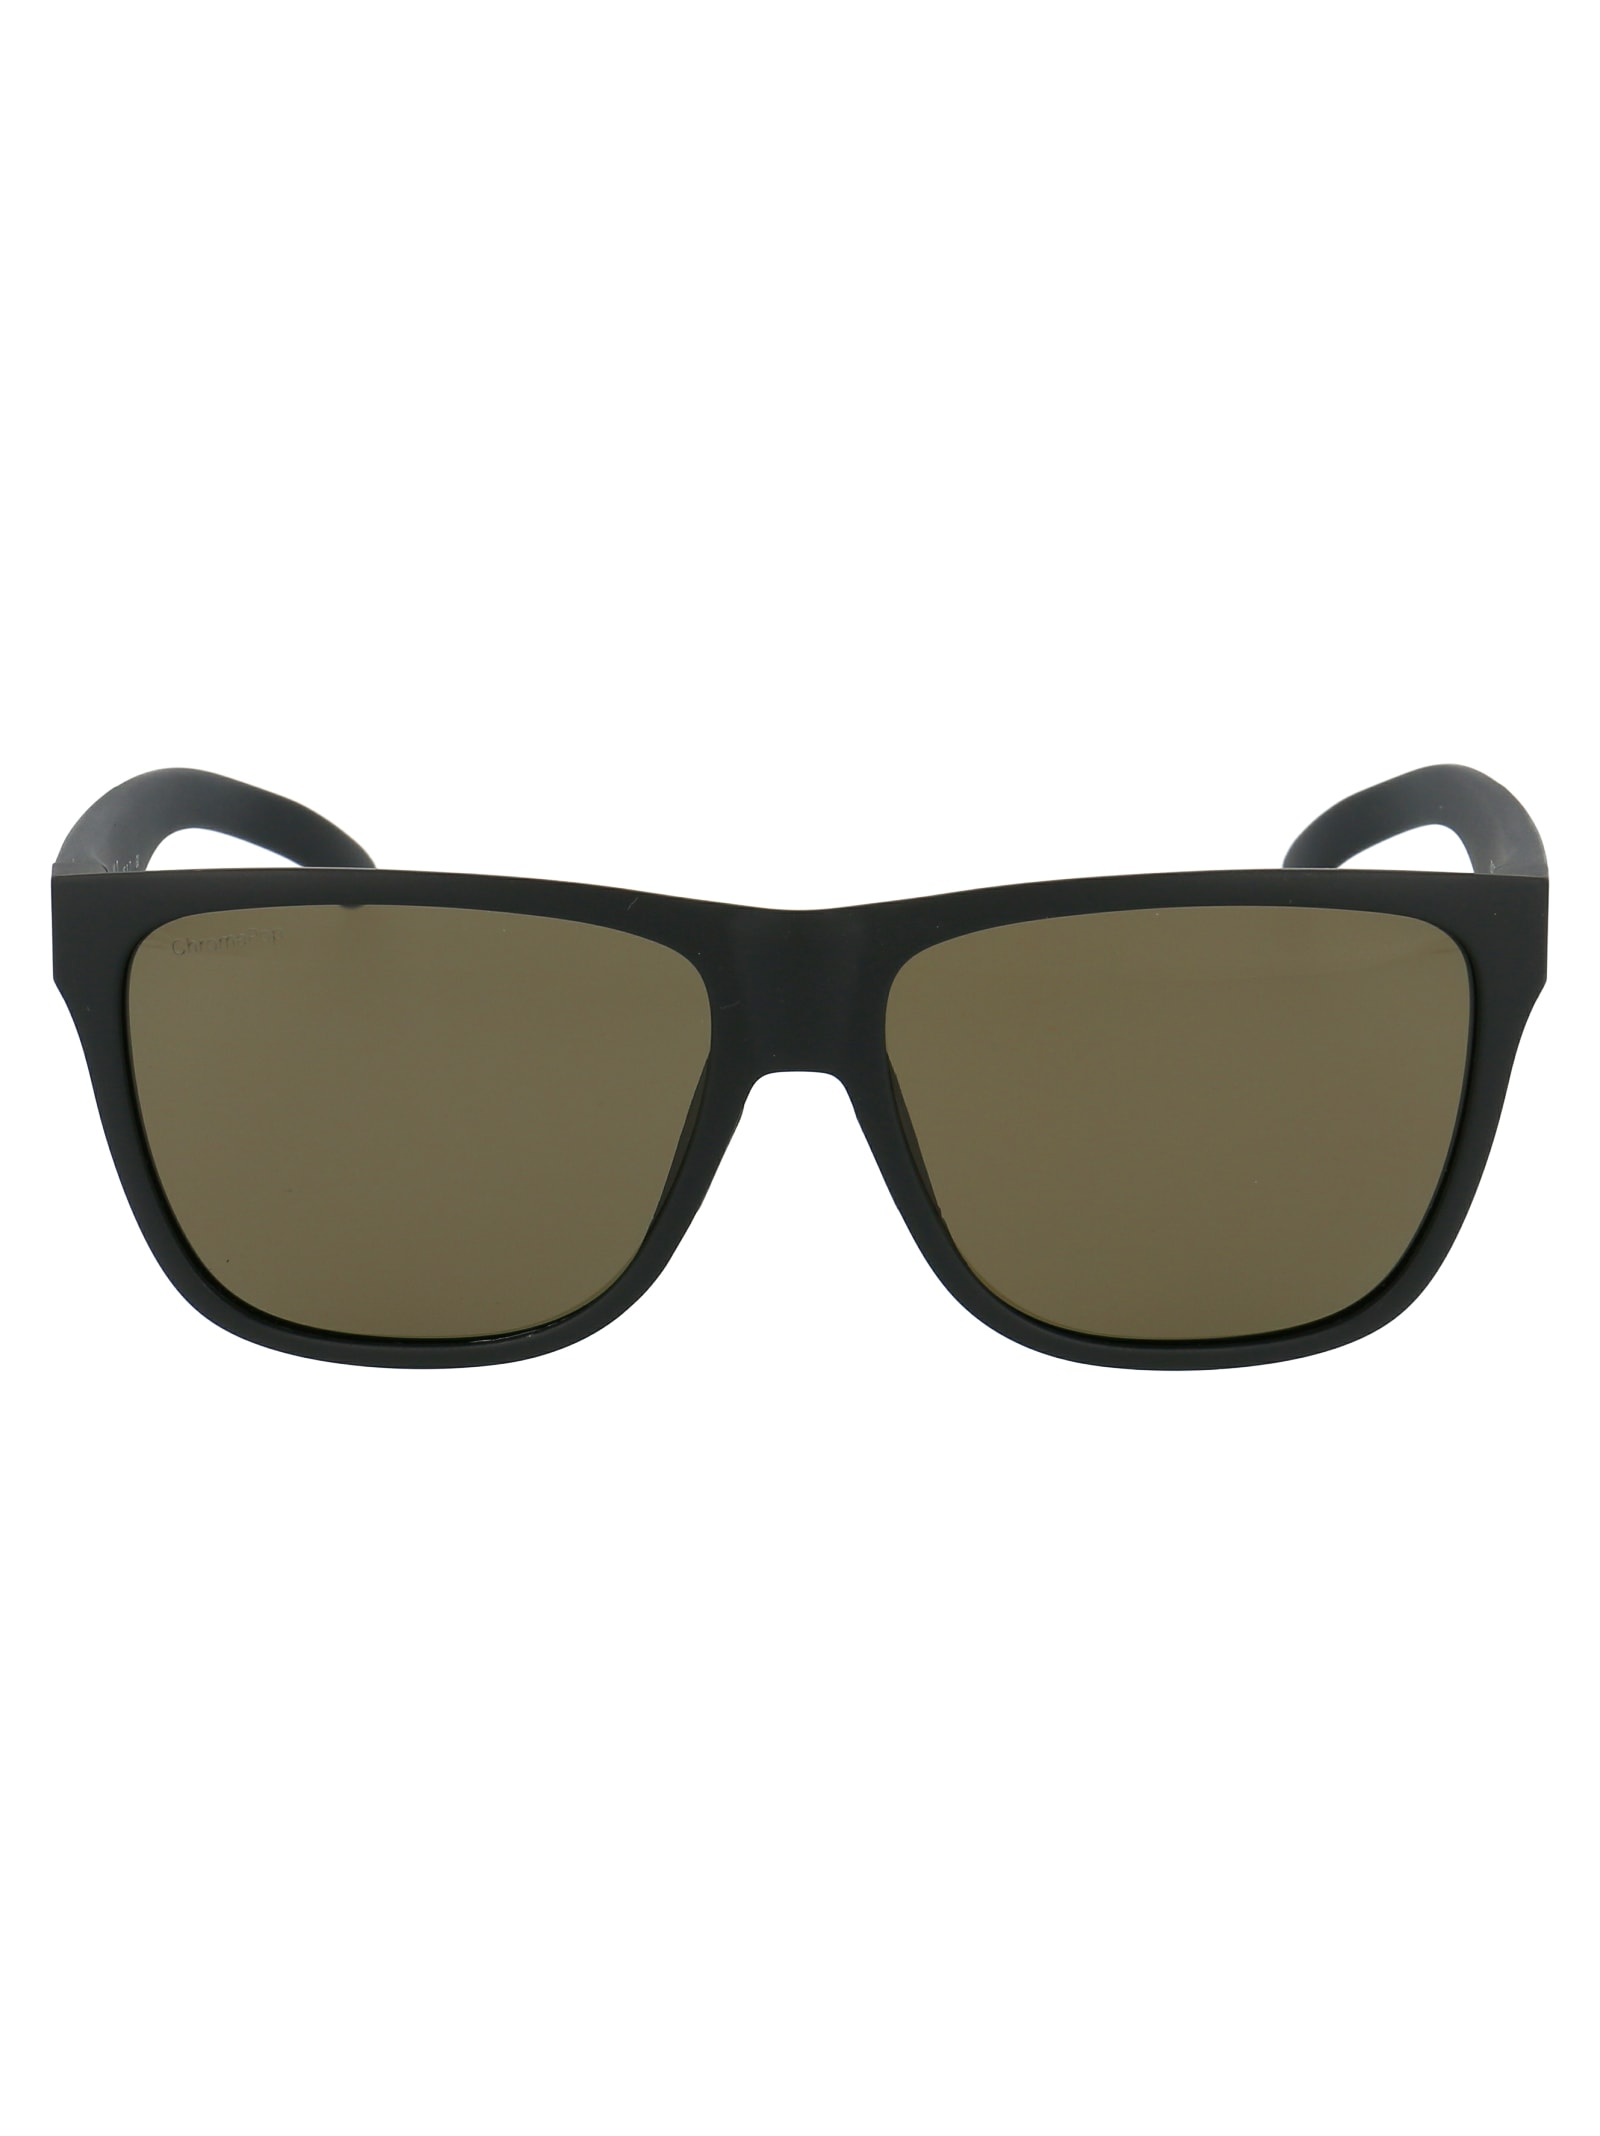 Smith Lowdown Xl 2 Sunglasses In 003l7 Matt Black